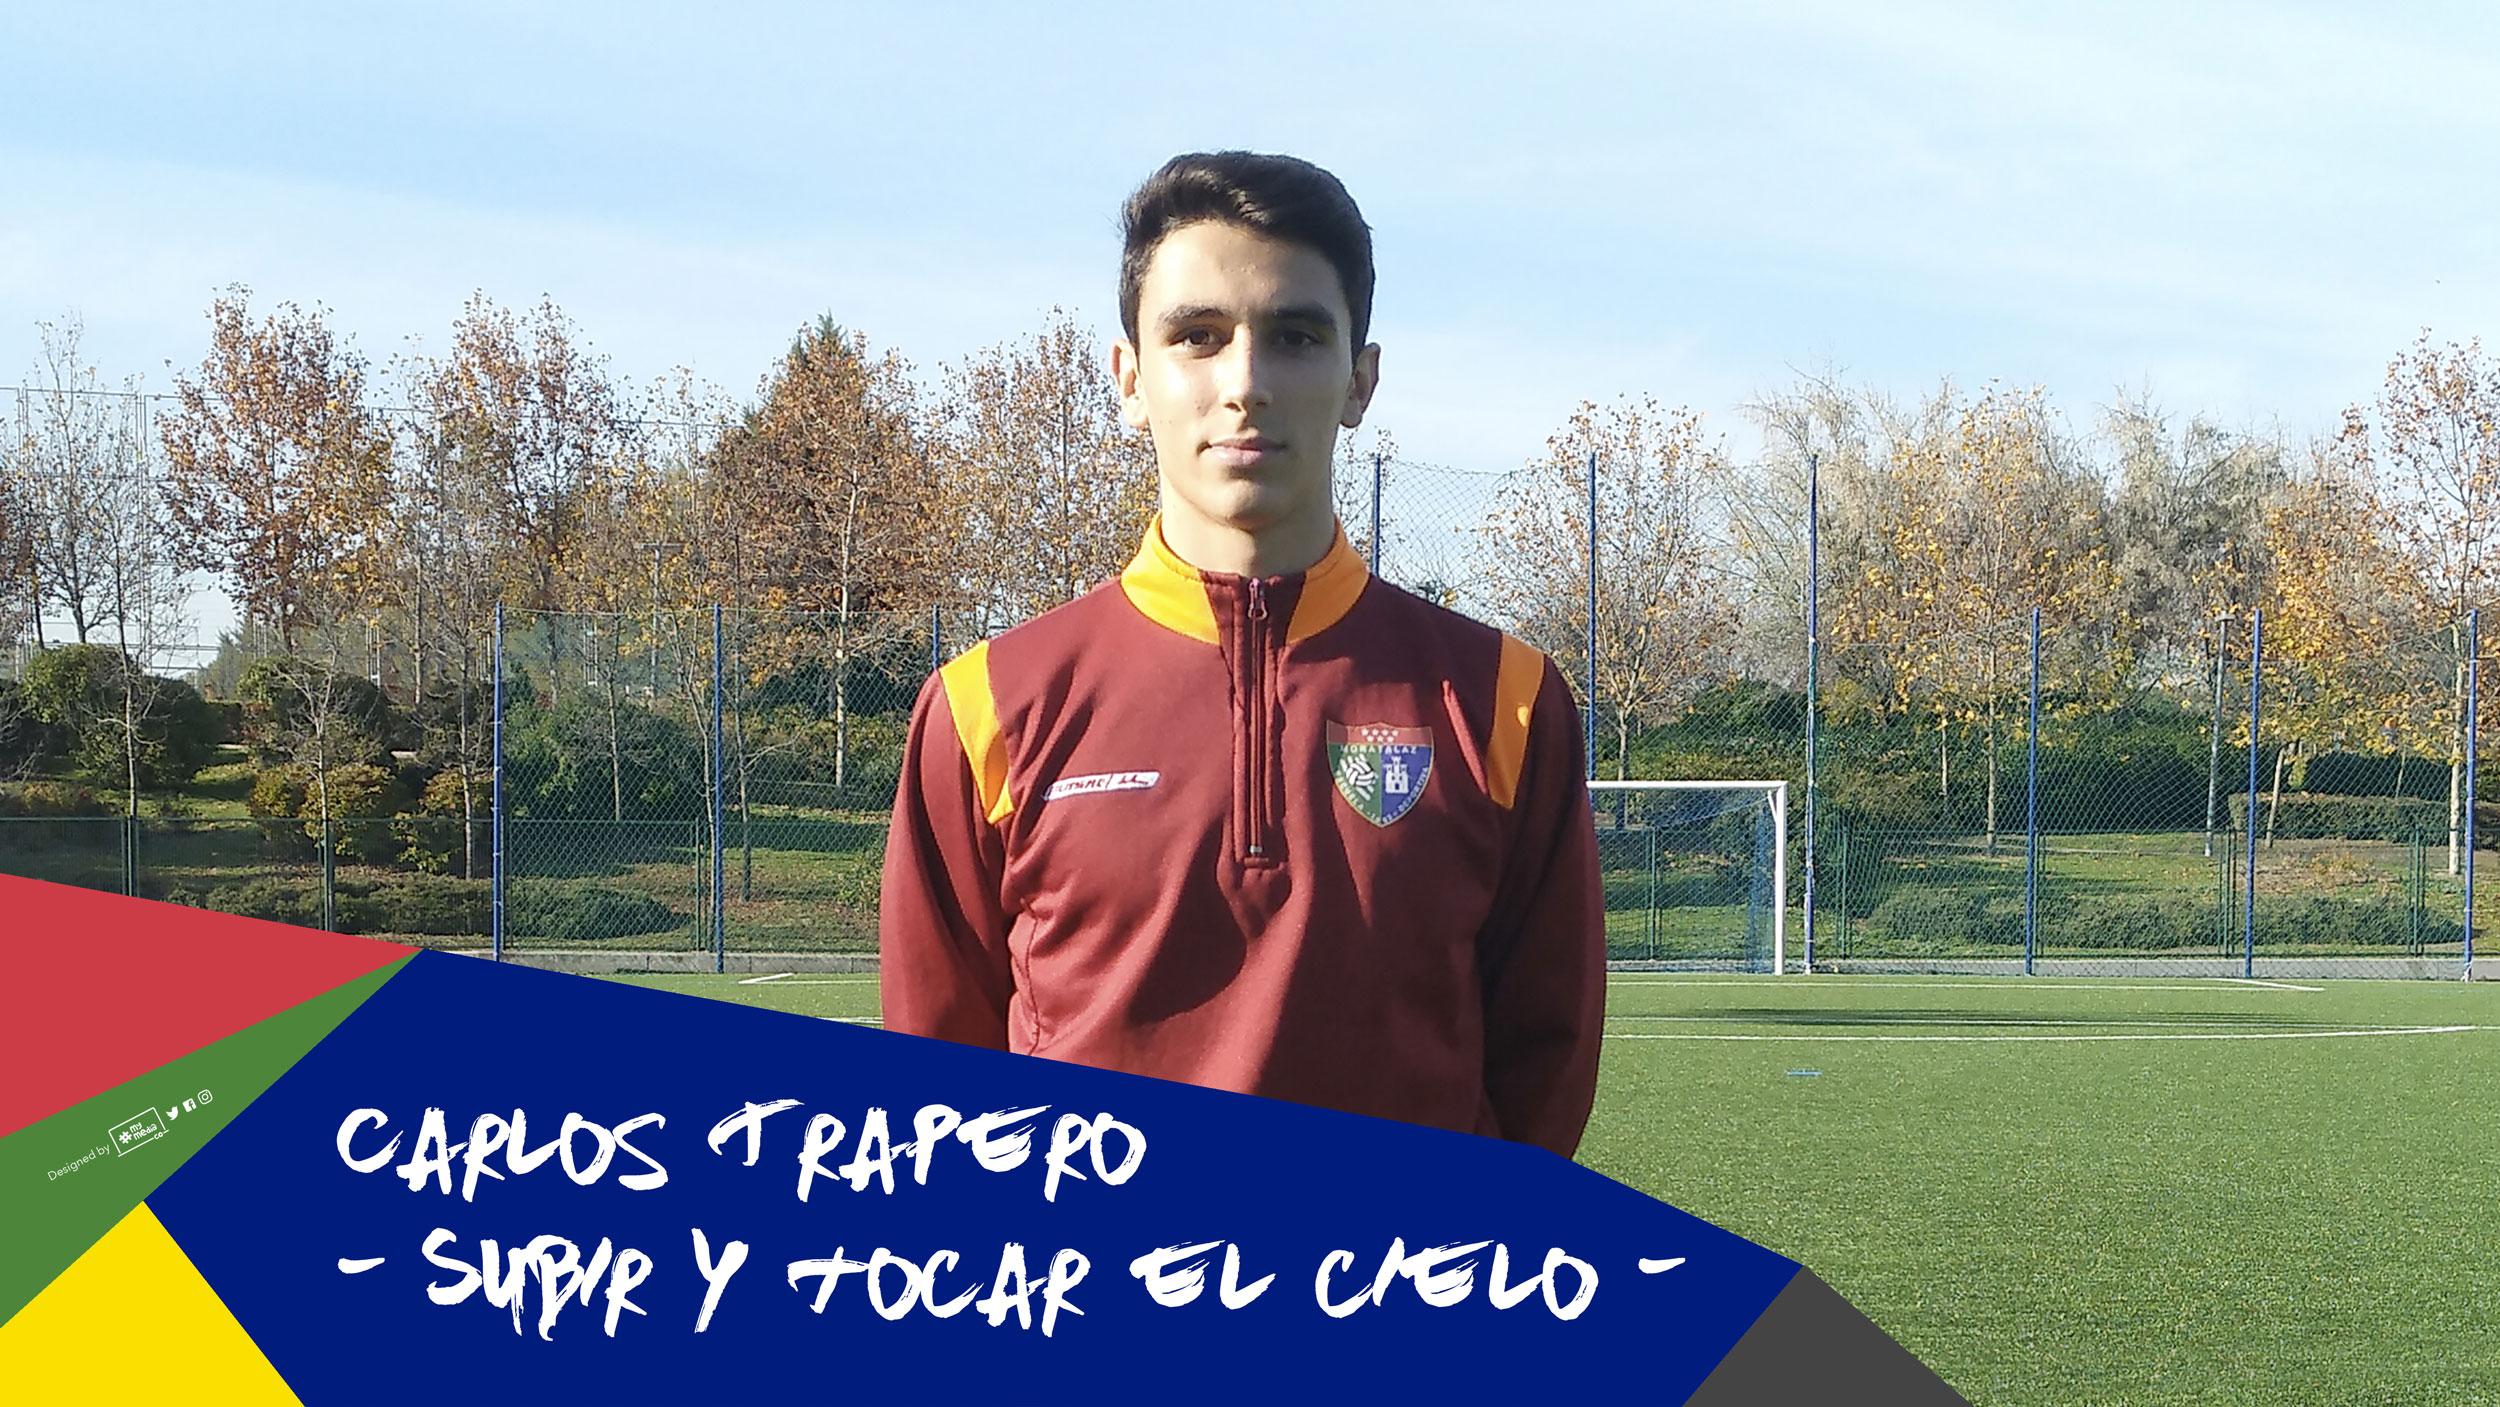 Carlos Trapero, subir y tocar el cielo